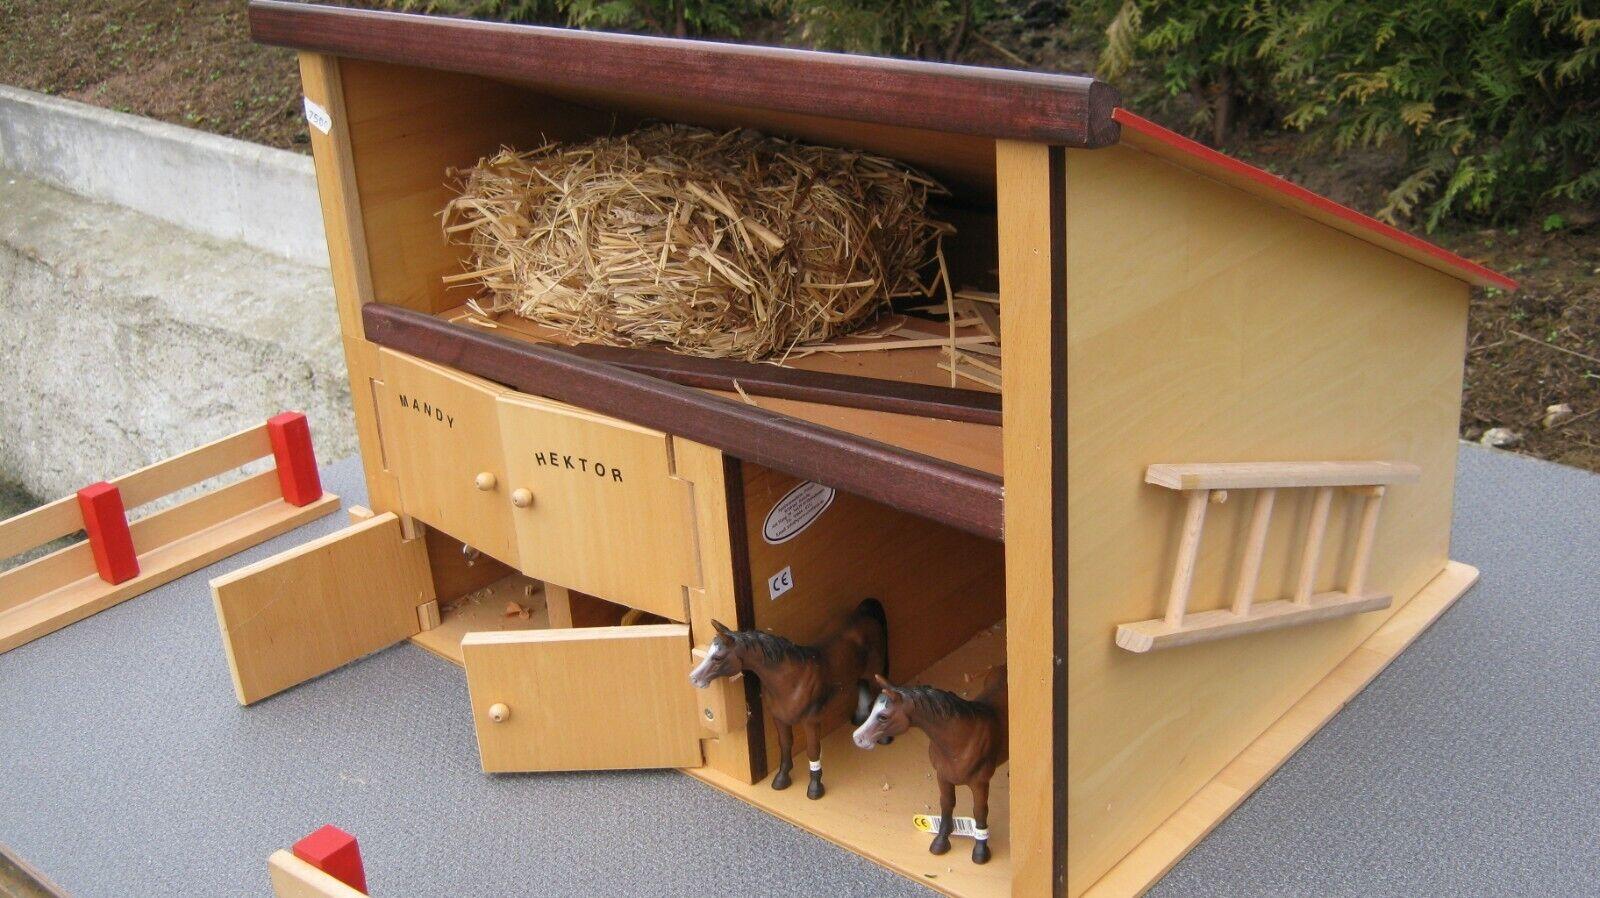 Pferdehof pferdestall holzspielzeug bauernhof stall (holz keine pappe)